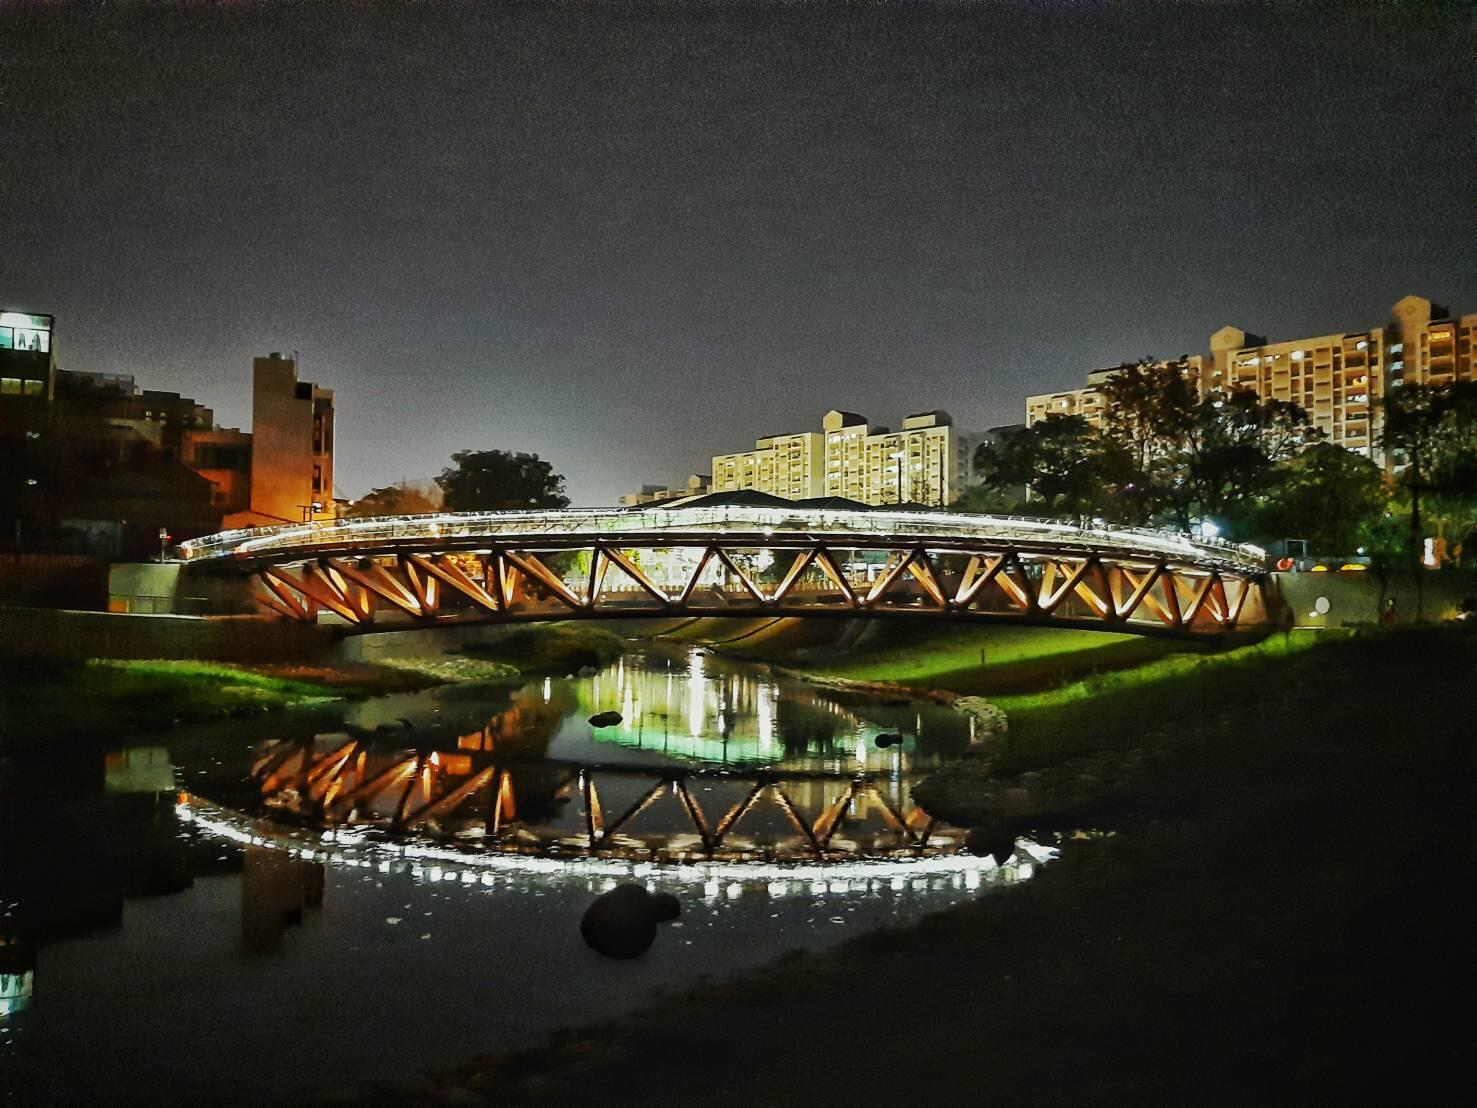 臺南觀光新亮點-竹溪月見橋